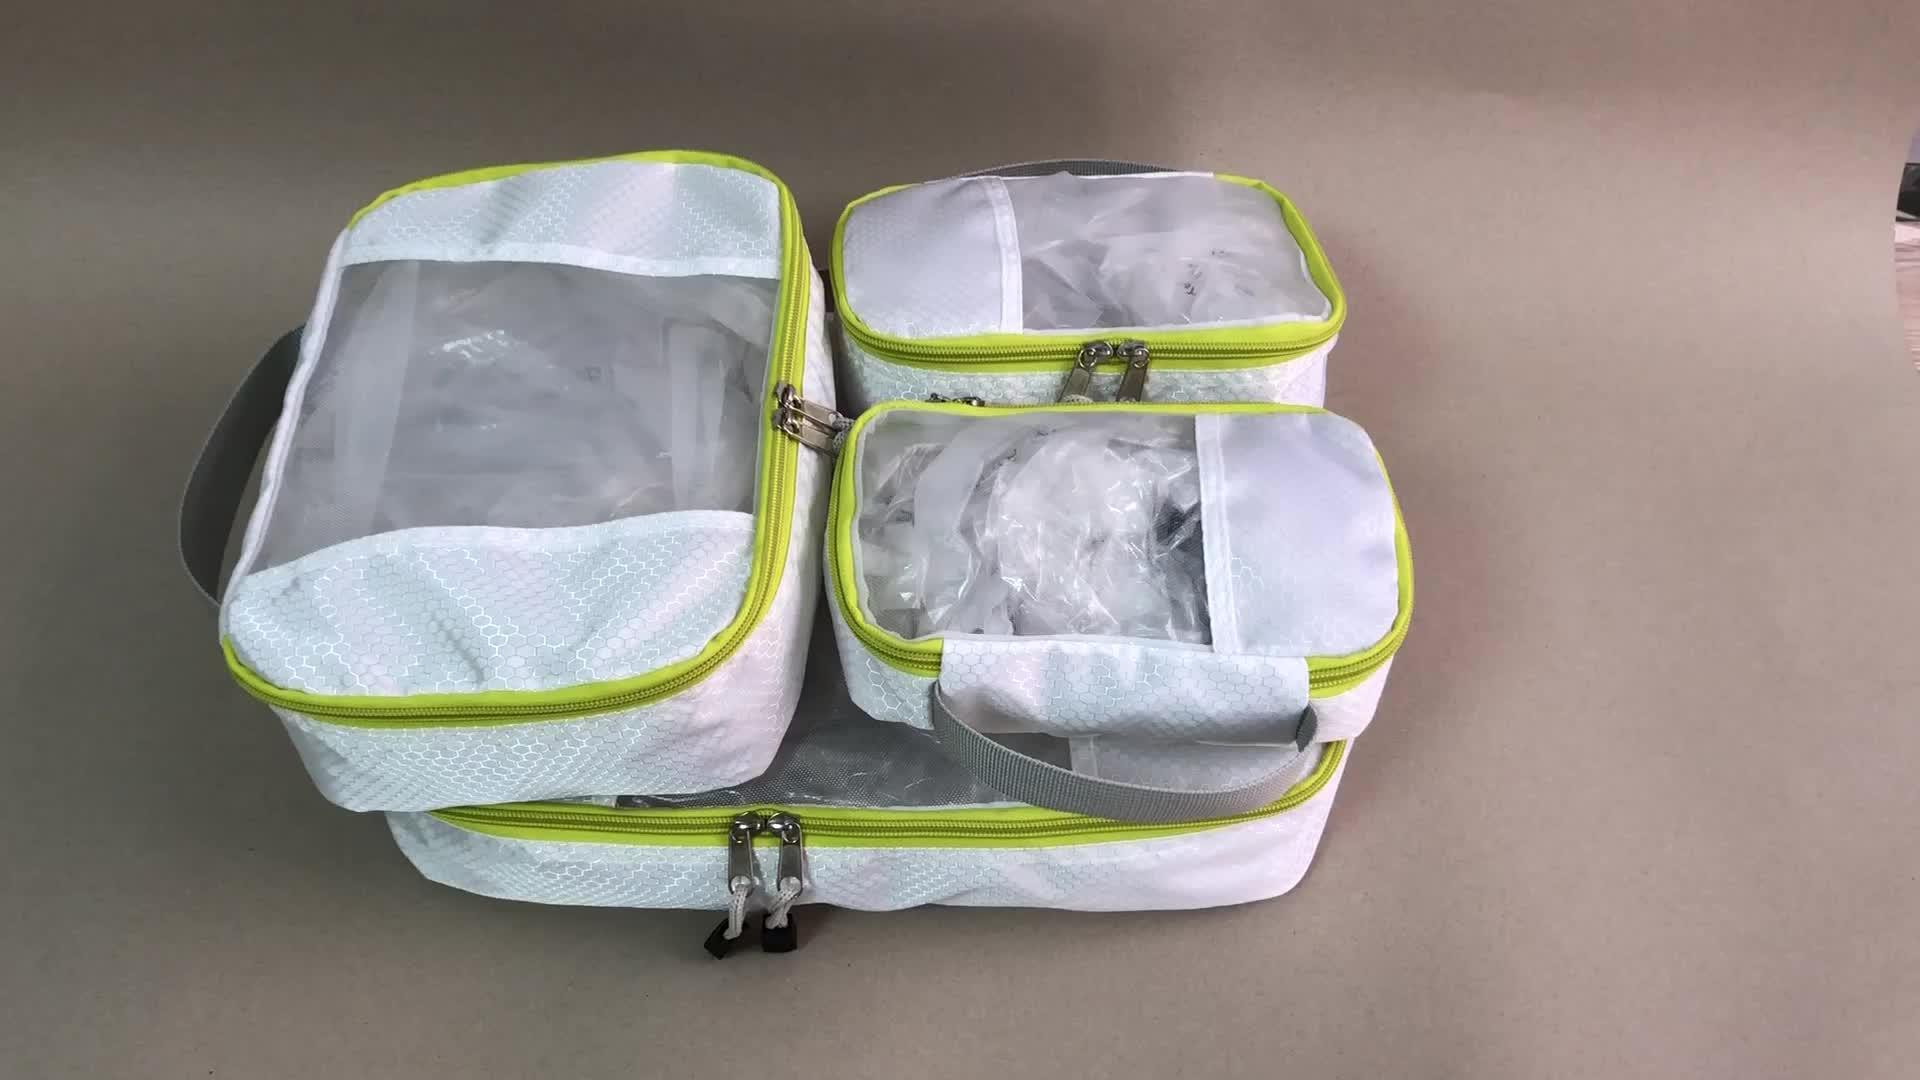 Résistant à l'eau équipement de voyage rangement de vêtements 7 pièces ensemble de sac organisateur de voyage cubes d'emballage de voyage